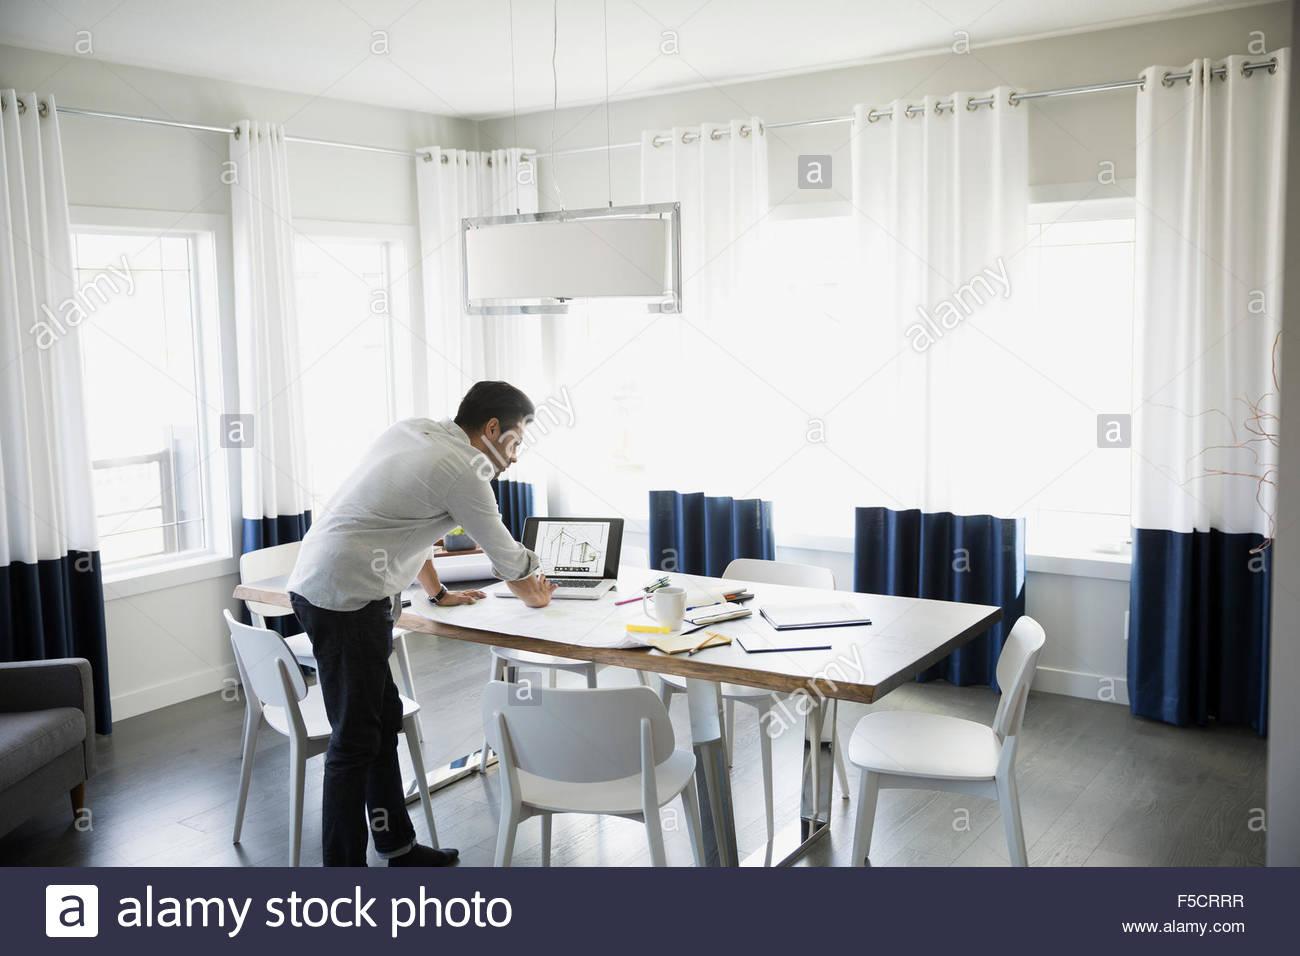 Architecte travaillant à l'ordinateur portable sur une table à manger Photo Stock